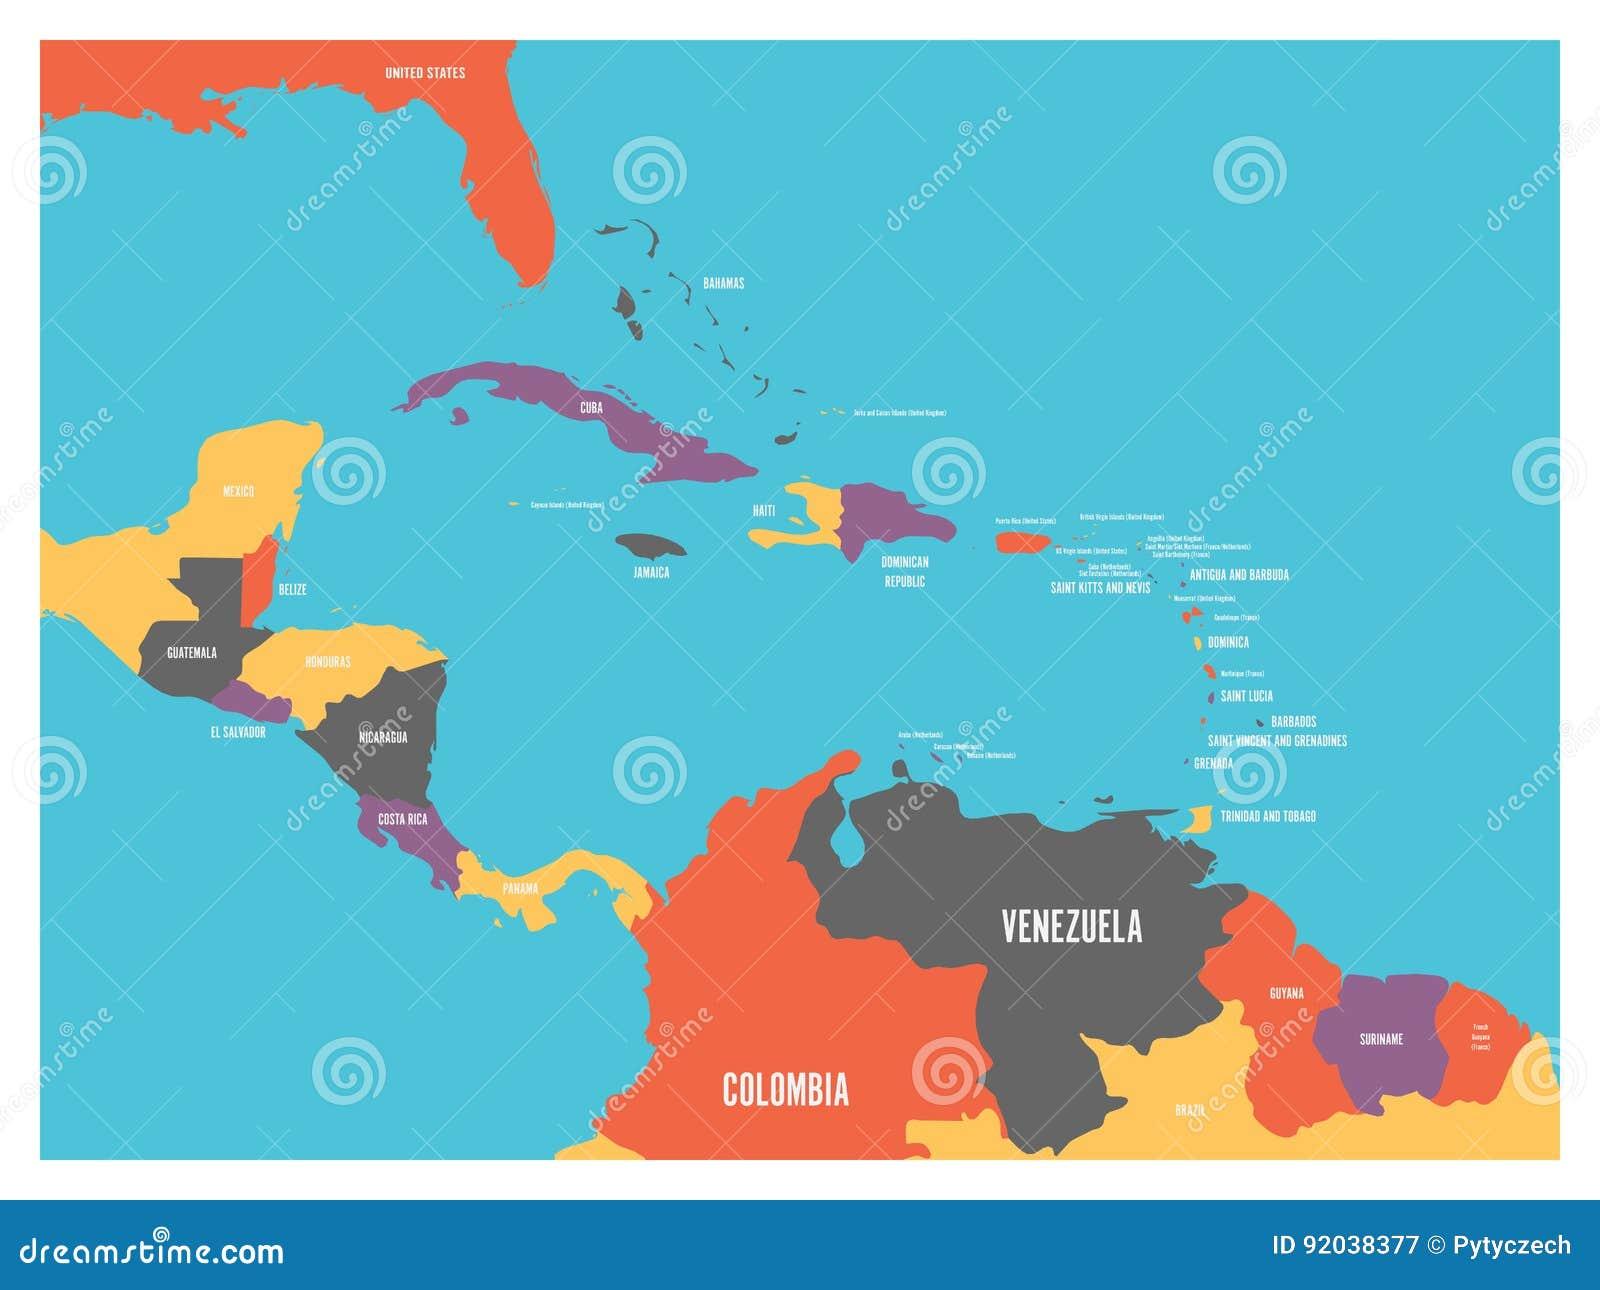 Mittelamerika Karte Staaten.Politische Karte Mittelamerika Und Meer Staaten Mit